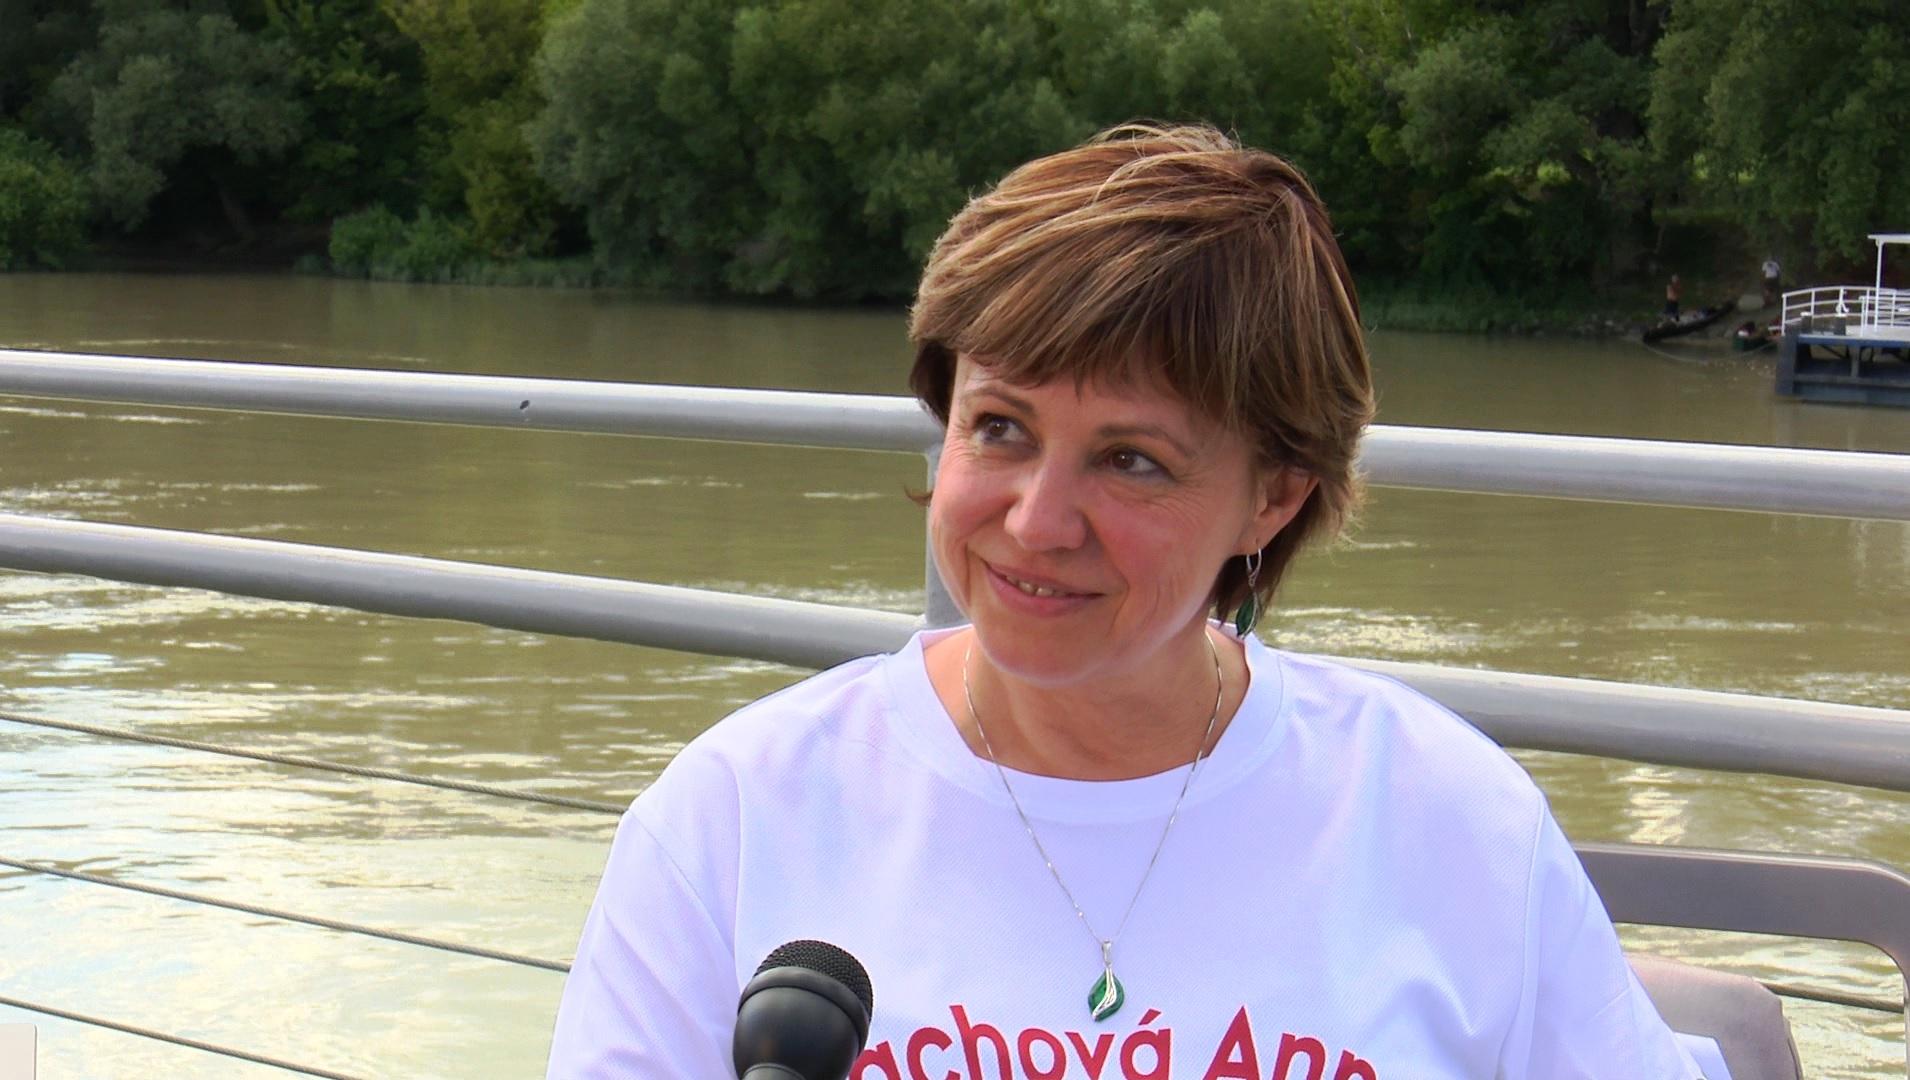 Machová Anna